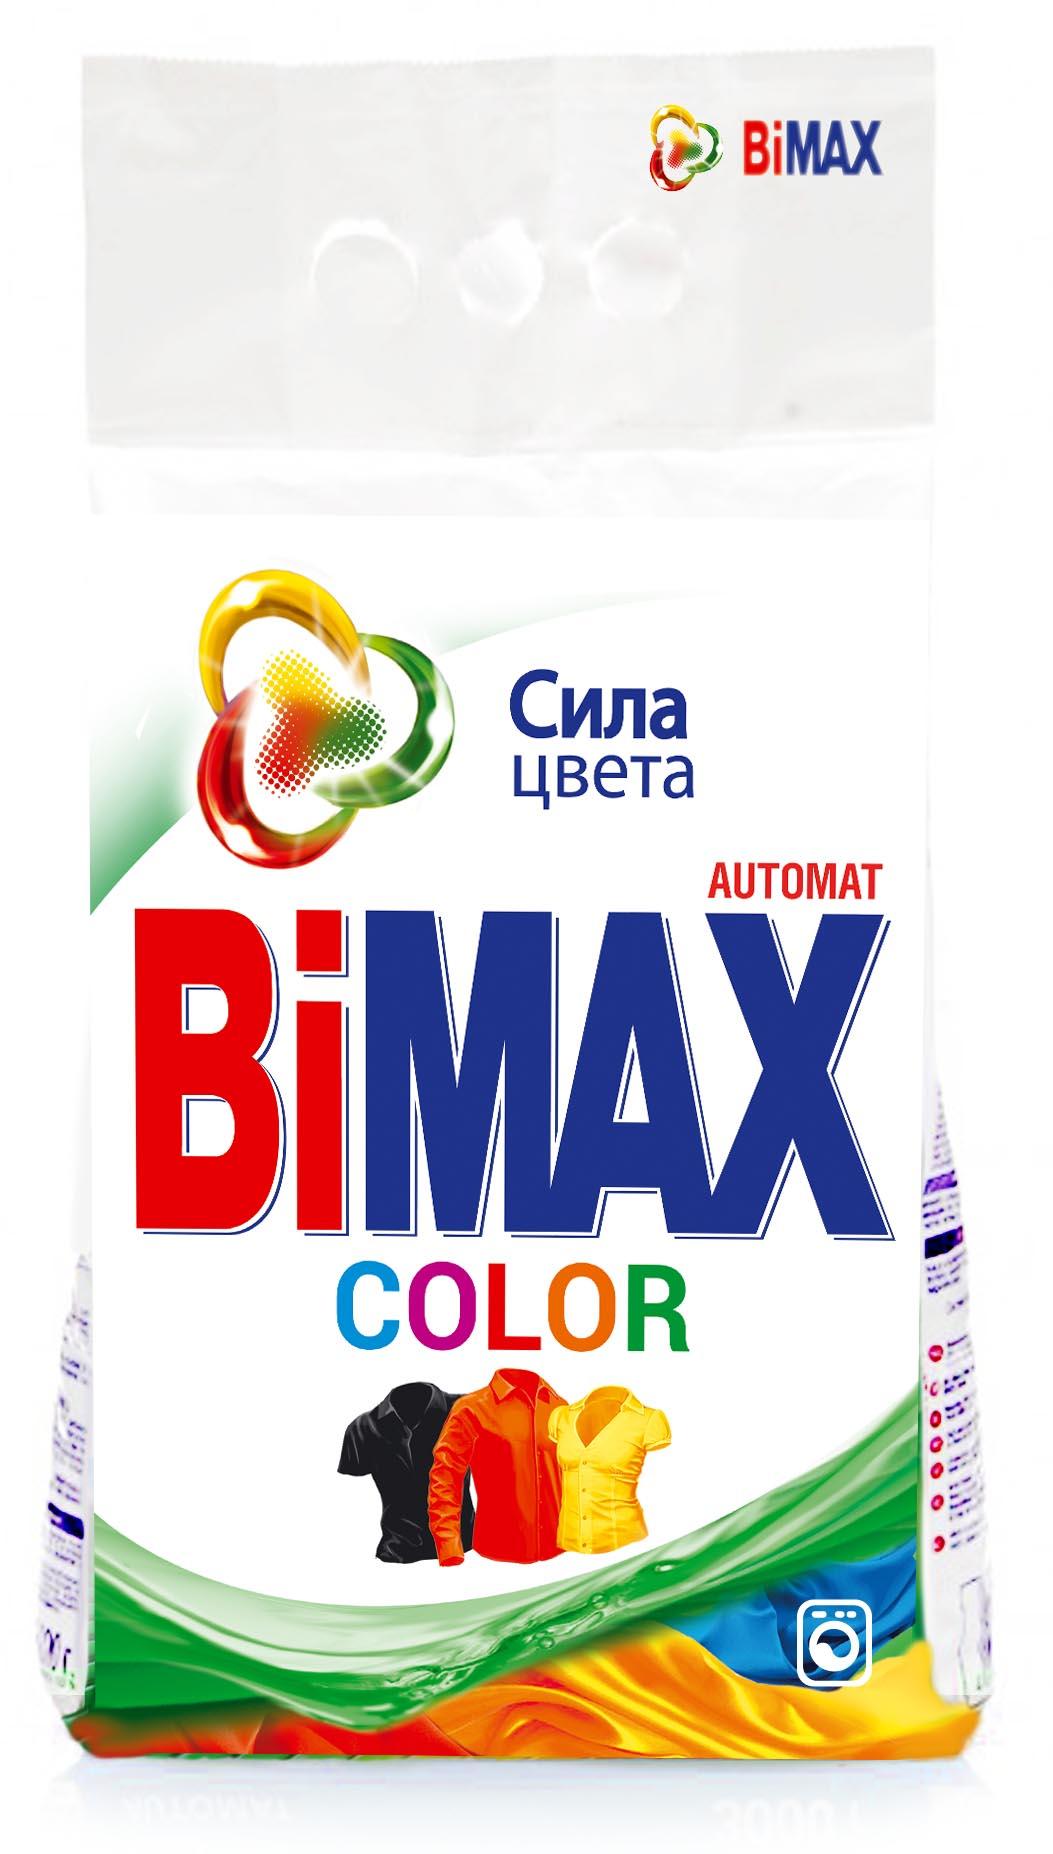 Стиральный порошок BiMax Color, 6 кг166050161,166050106Стиральный порошок BiMax Color предназначен для замачивания и стирки изделий из цветных хлопчатобумажных, льняных, синтетических тканей, а также тканей из смешанных волокон. Не предназначен для стирки изделий из шерсти и натурального шелка. Порошок имеет пониженное пенообразование, содержит биодобавки и перекисные соли. BiMax сохраняет цвета ваших любимых вещей даже после многократных стирок. Эффективно удаляет загрязнения и трудновыводимые пятна, а также защищает структуру волокон ткани и препятствует появлению катышек. Кроме того, порошок экономит ваши средства: 6 кг BiMax заменяют 9 кг обычного порошка.Подходит для стиральных машин любого типа и ручной стирки. Характеристики: Вес: 6 кг. Артикул: 526-1. Товар сертифицирован.